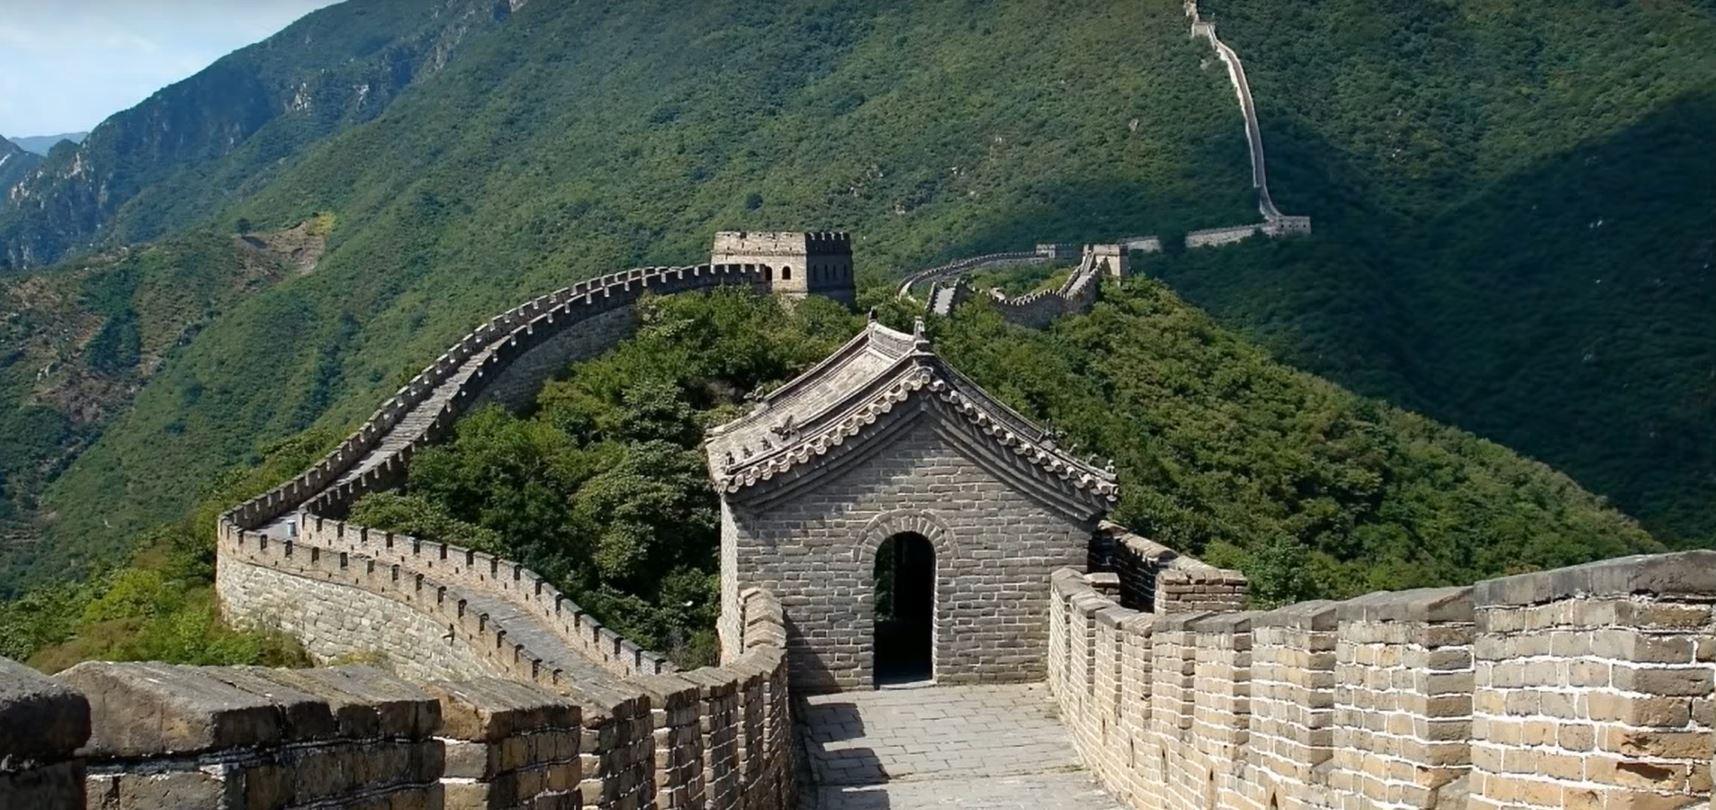 Бегство из Китая: все больше технологических компаний делают решительные шаги